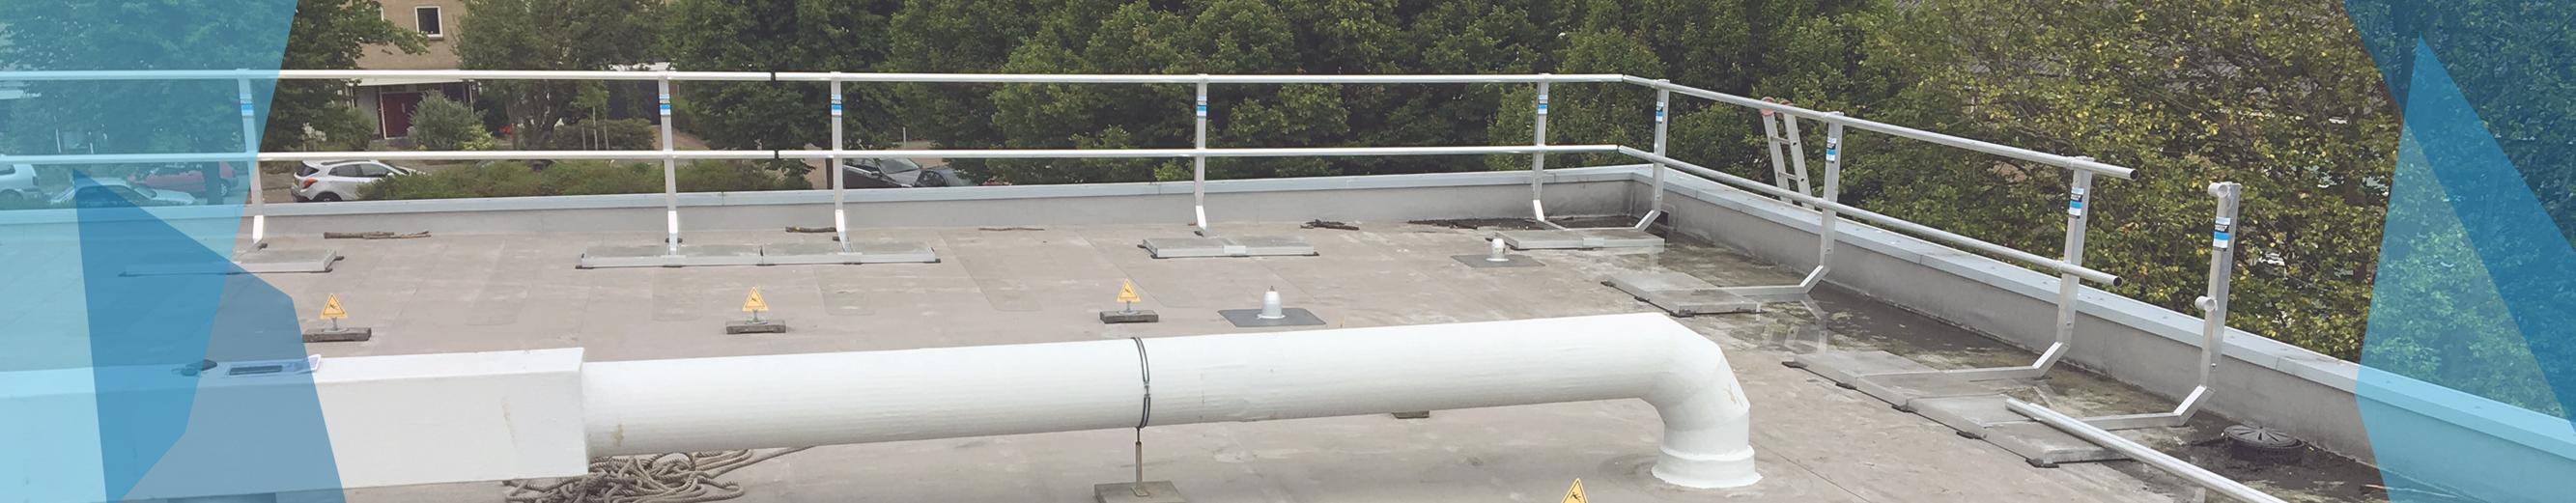 Vlindar-valbeveiliging-veilig-werken-op-hoogte-voor-fabrikanten